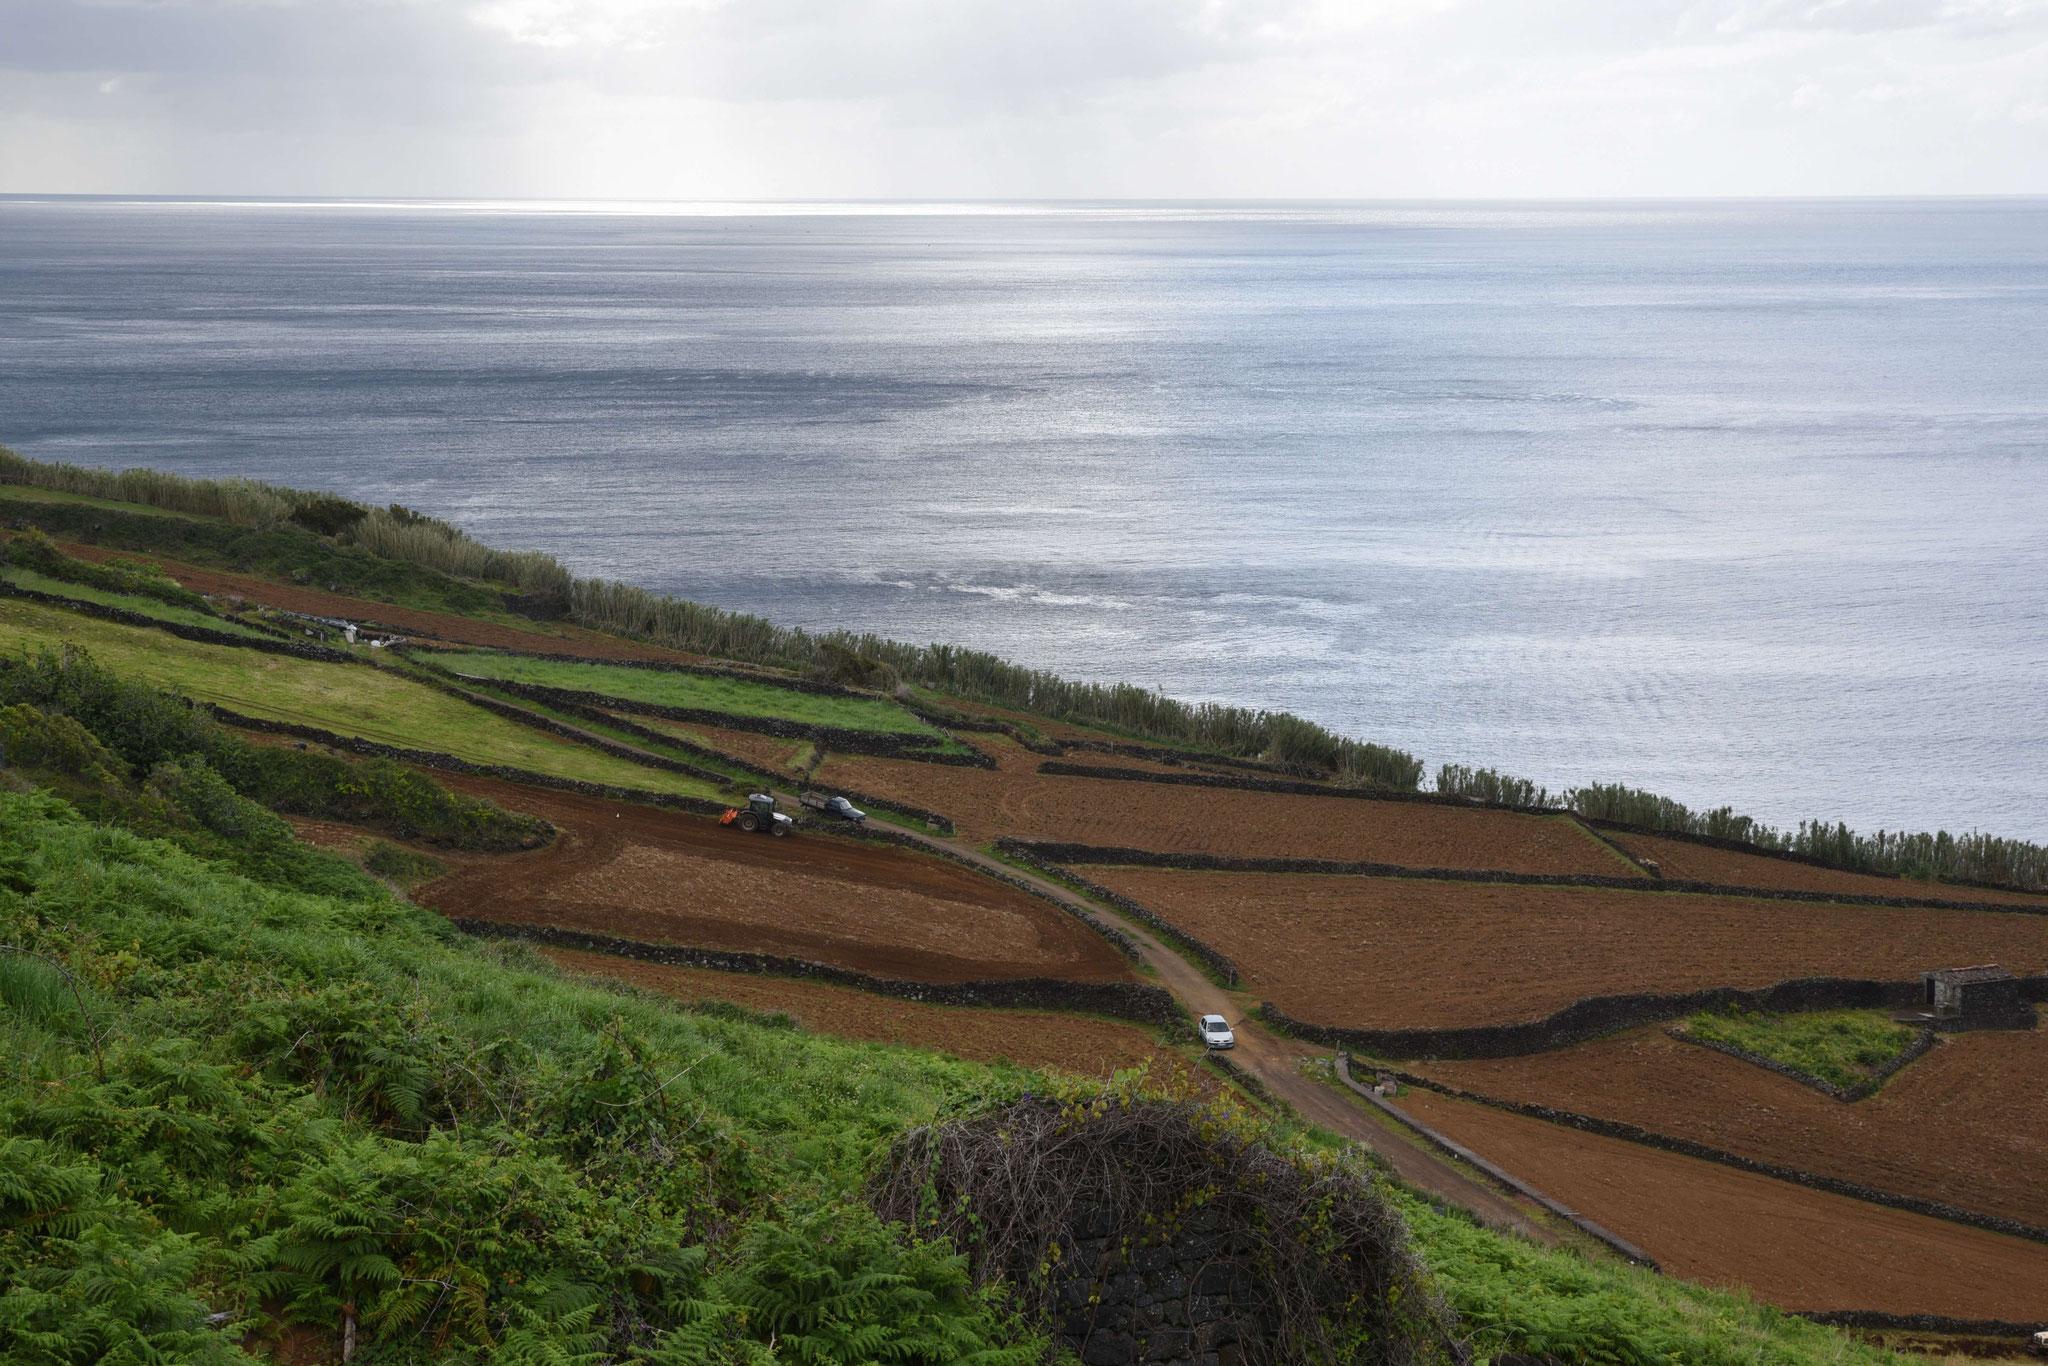 Fruchtbarer Boden für die Landwirtschaft (an der Südküste)